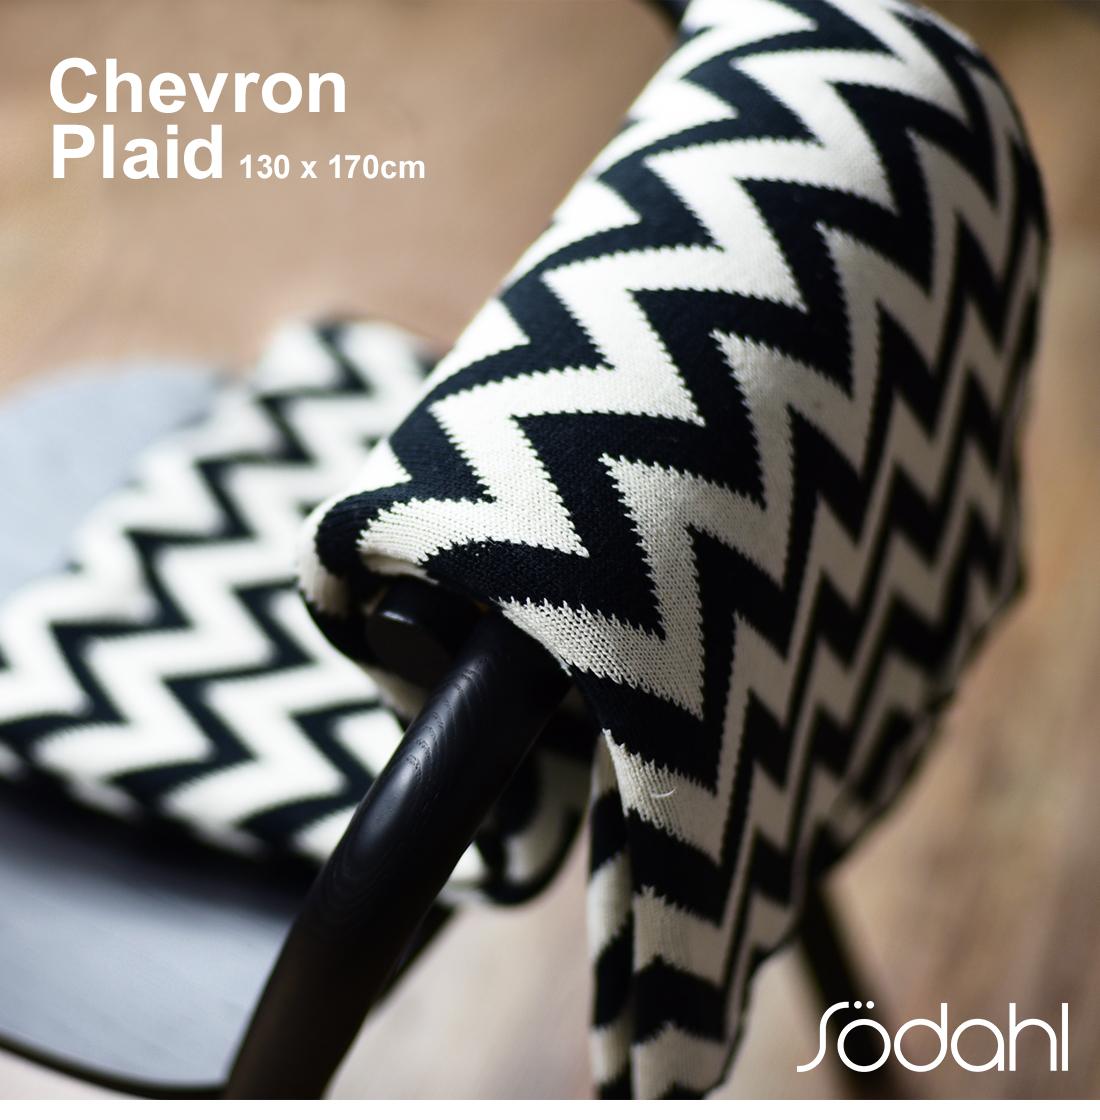 Sodahl ソダール ジェブロン ニット chevron plaid スローブラック 約130x170cmファブリック/ブランケット/コットン/ひざかけ/デンマーク コンビニ受取対応